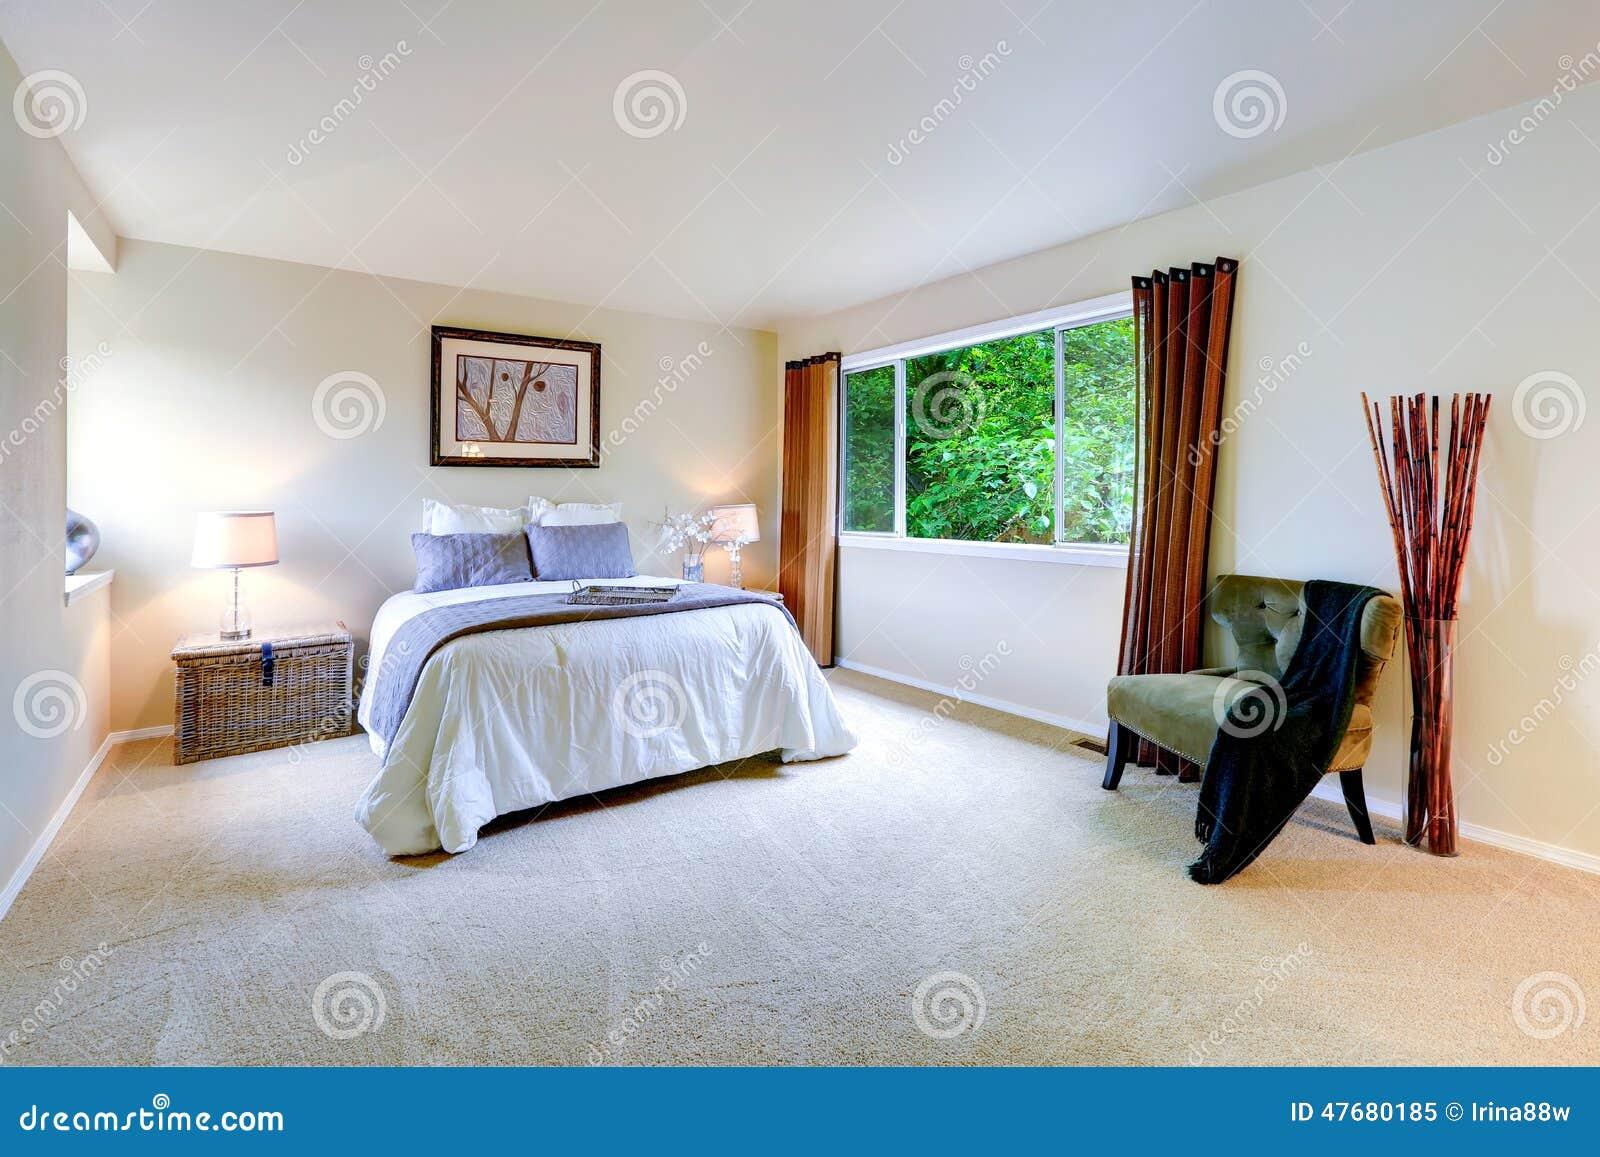 Cortinas dormitorio principal cortina dormitorio - Cortinas dormitorio principal ...